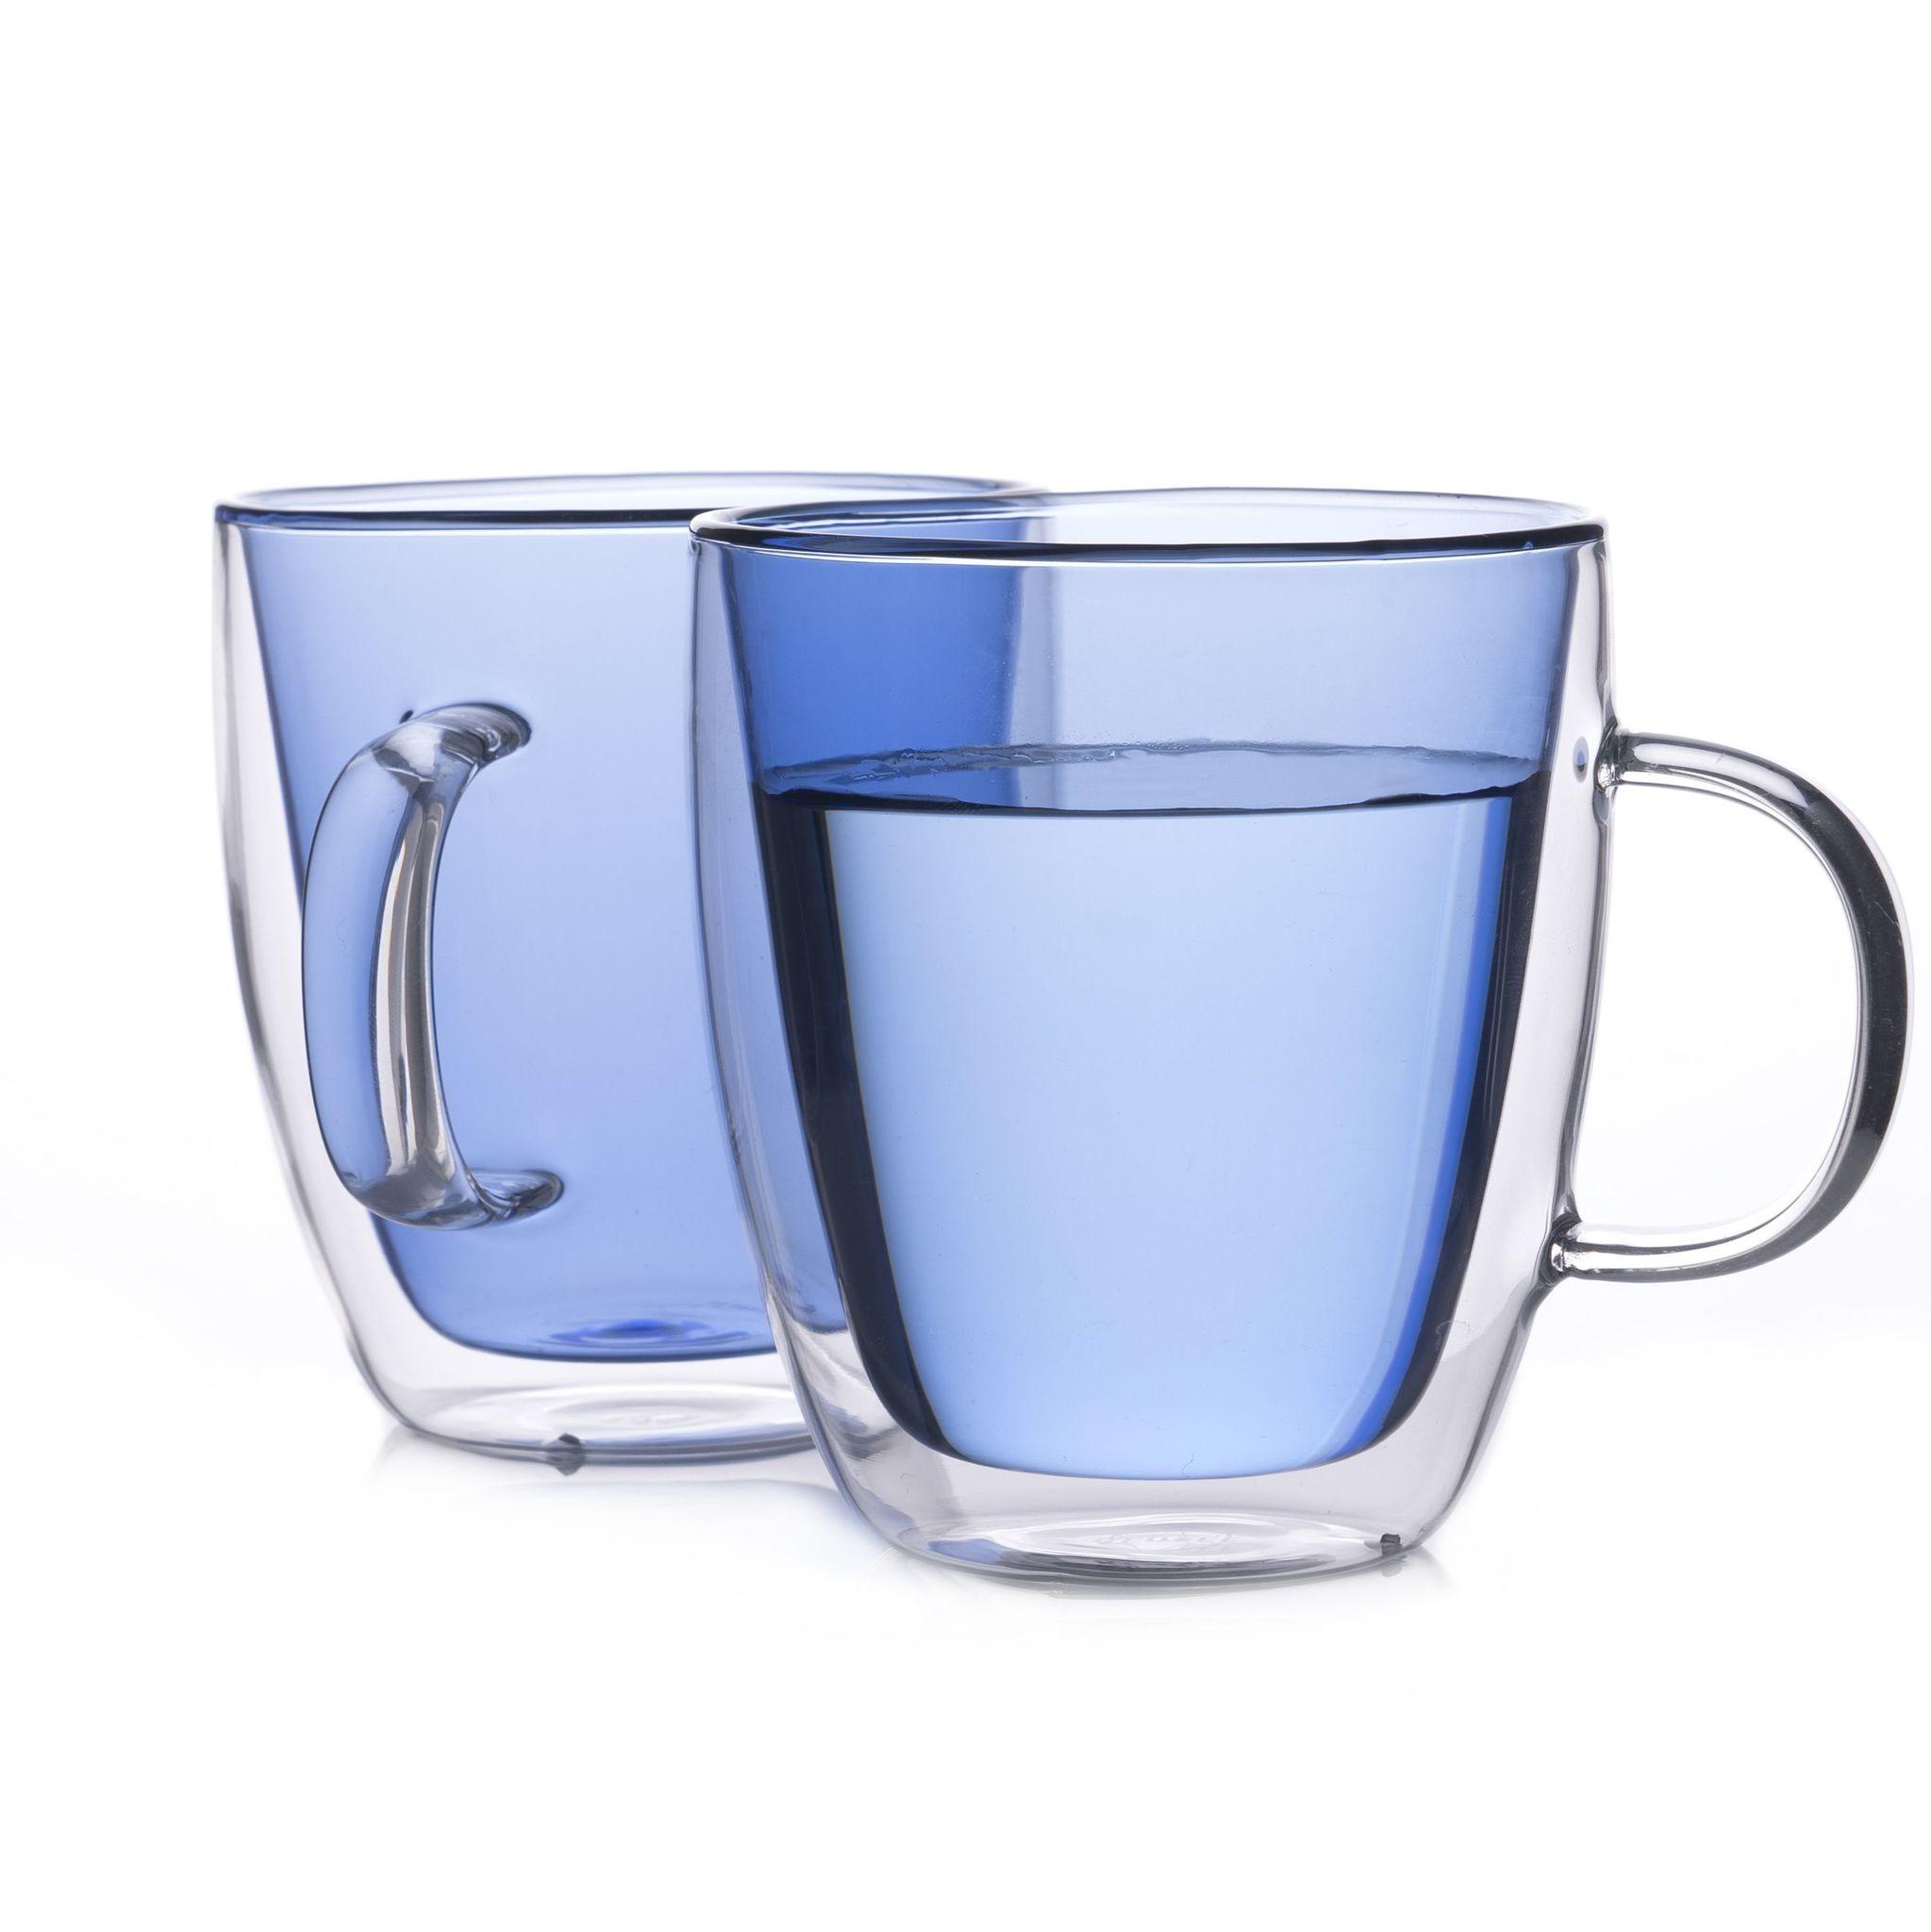 """Наборы-Акции Набор кружек с двойными стенками """"Sidney"""" 380 мл синего цвета голубой.jpg"""